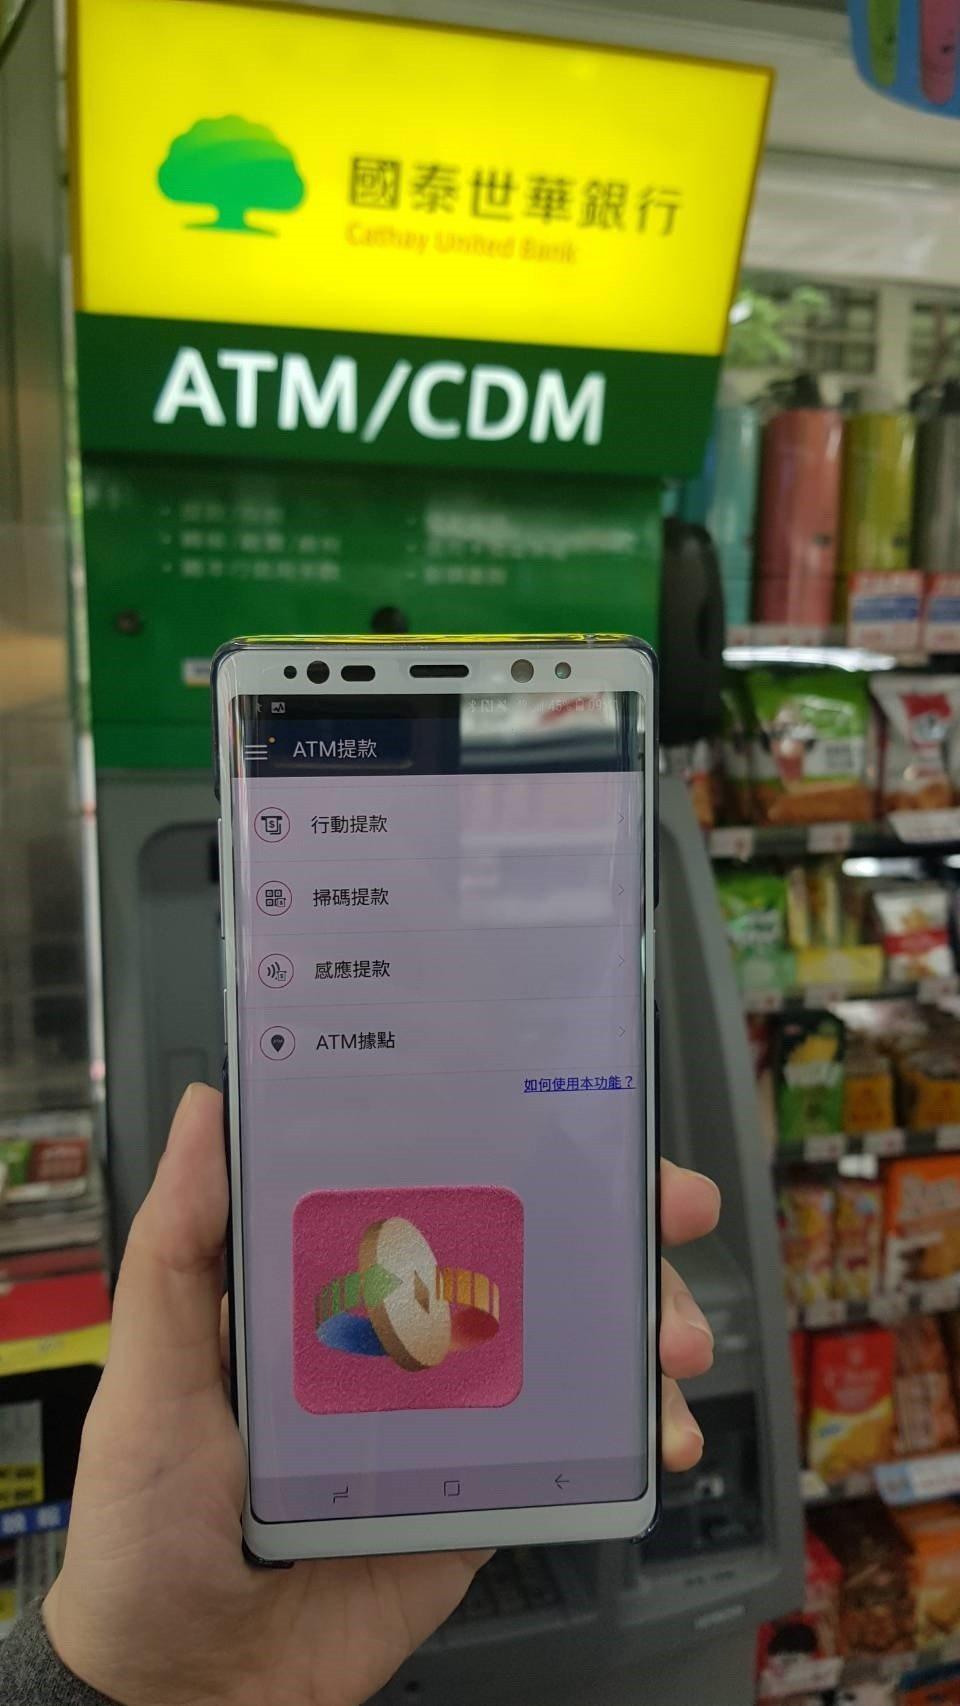 台灣Pay掃碼或感應無卡提款功能,即日起上線。圖/財金公司提供